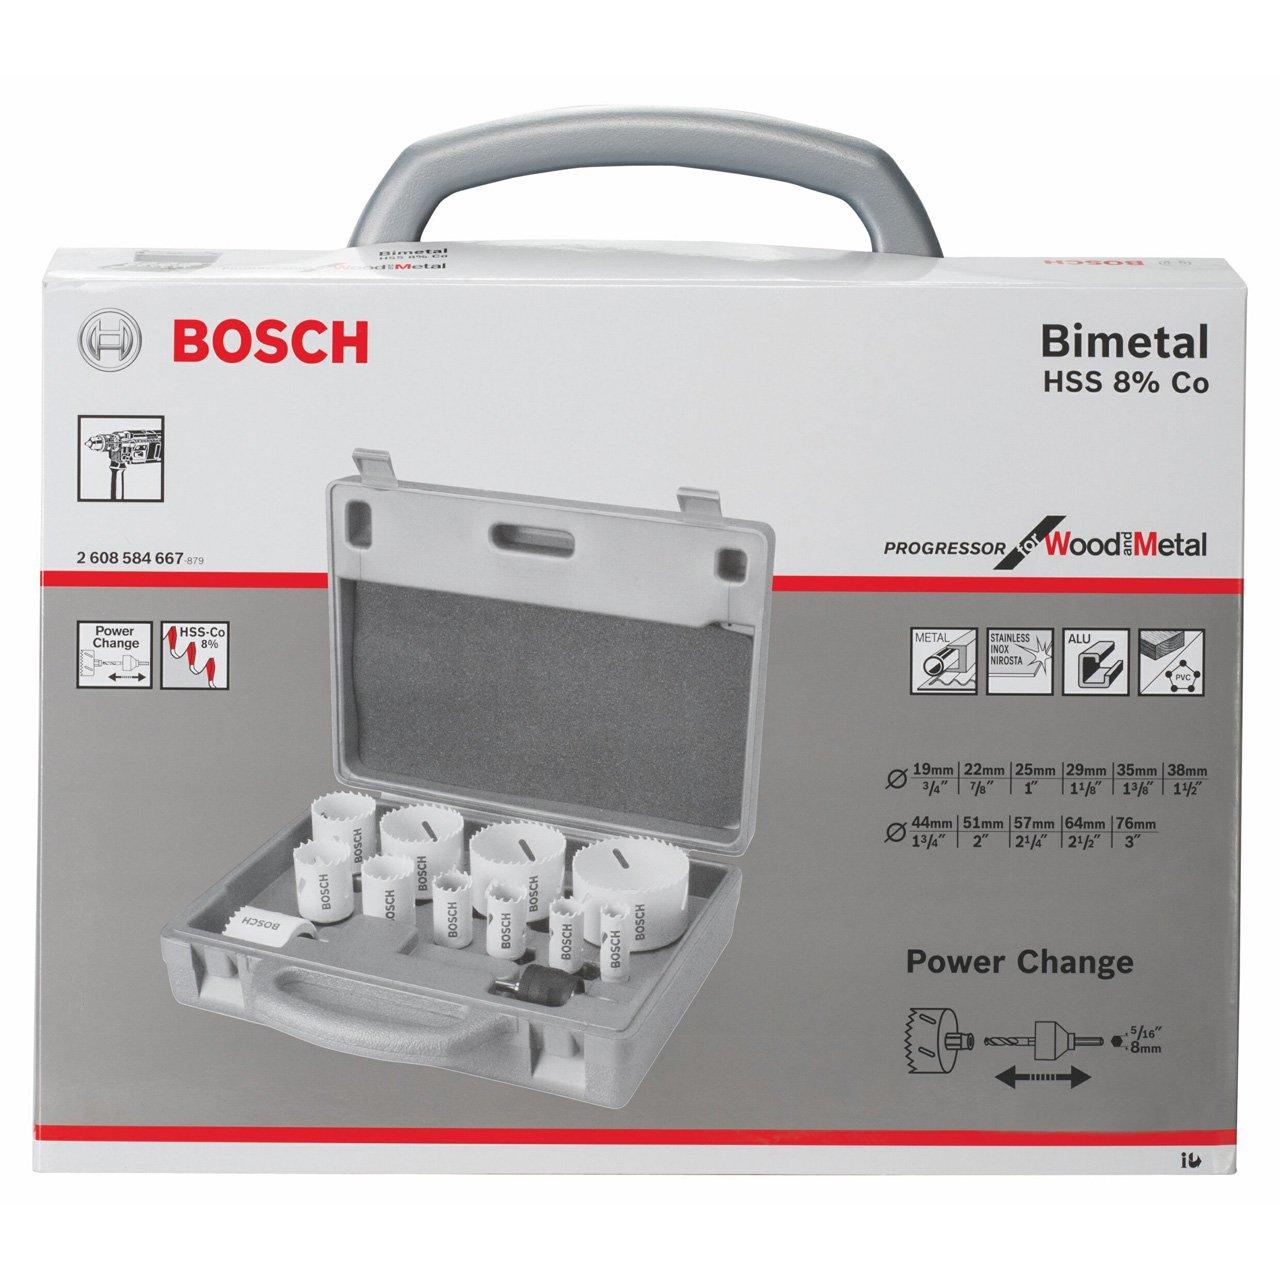 Bosch Zubehör 2608584667 14tlg. LochsägenProgressorSet 19; 22; 25; 29; 35; 38; 44; 51; 57; 64; 76 mm  BaumarktÜberprüfung und weitere Informationen